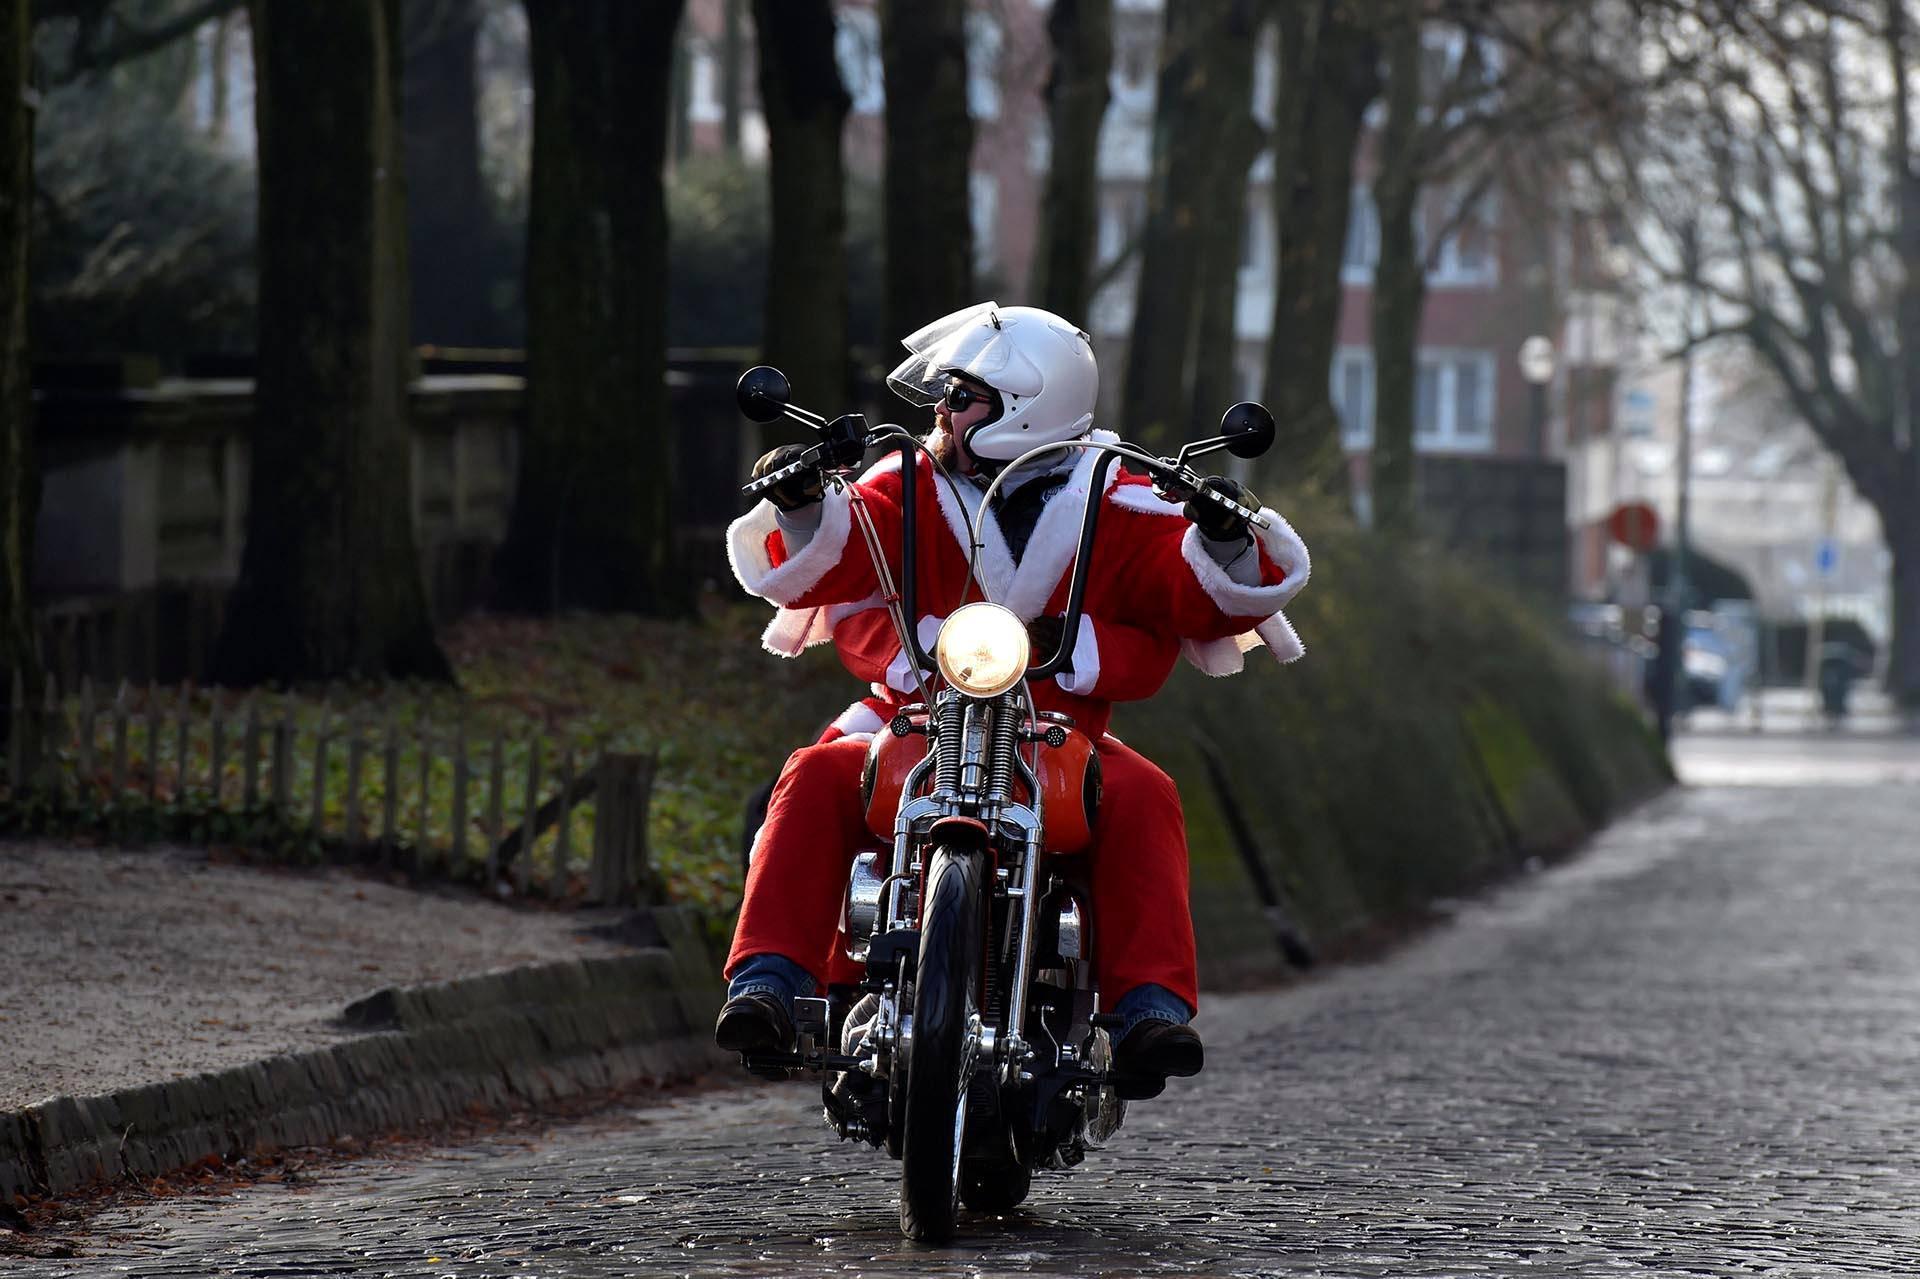 Brysselissä järjestettyyn joulutapahtumaan pukki saapui Harley Davidsonilla.